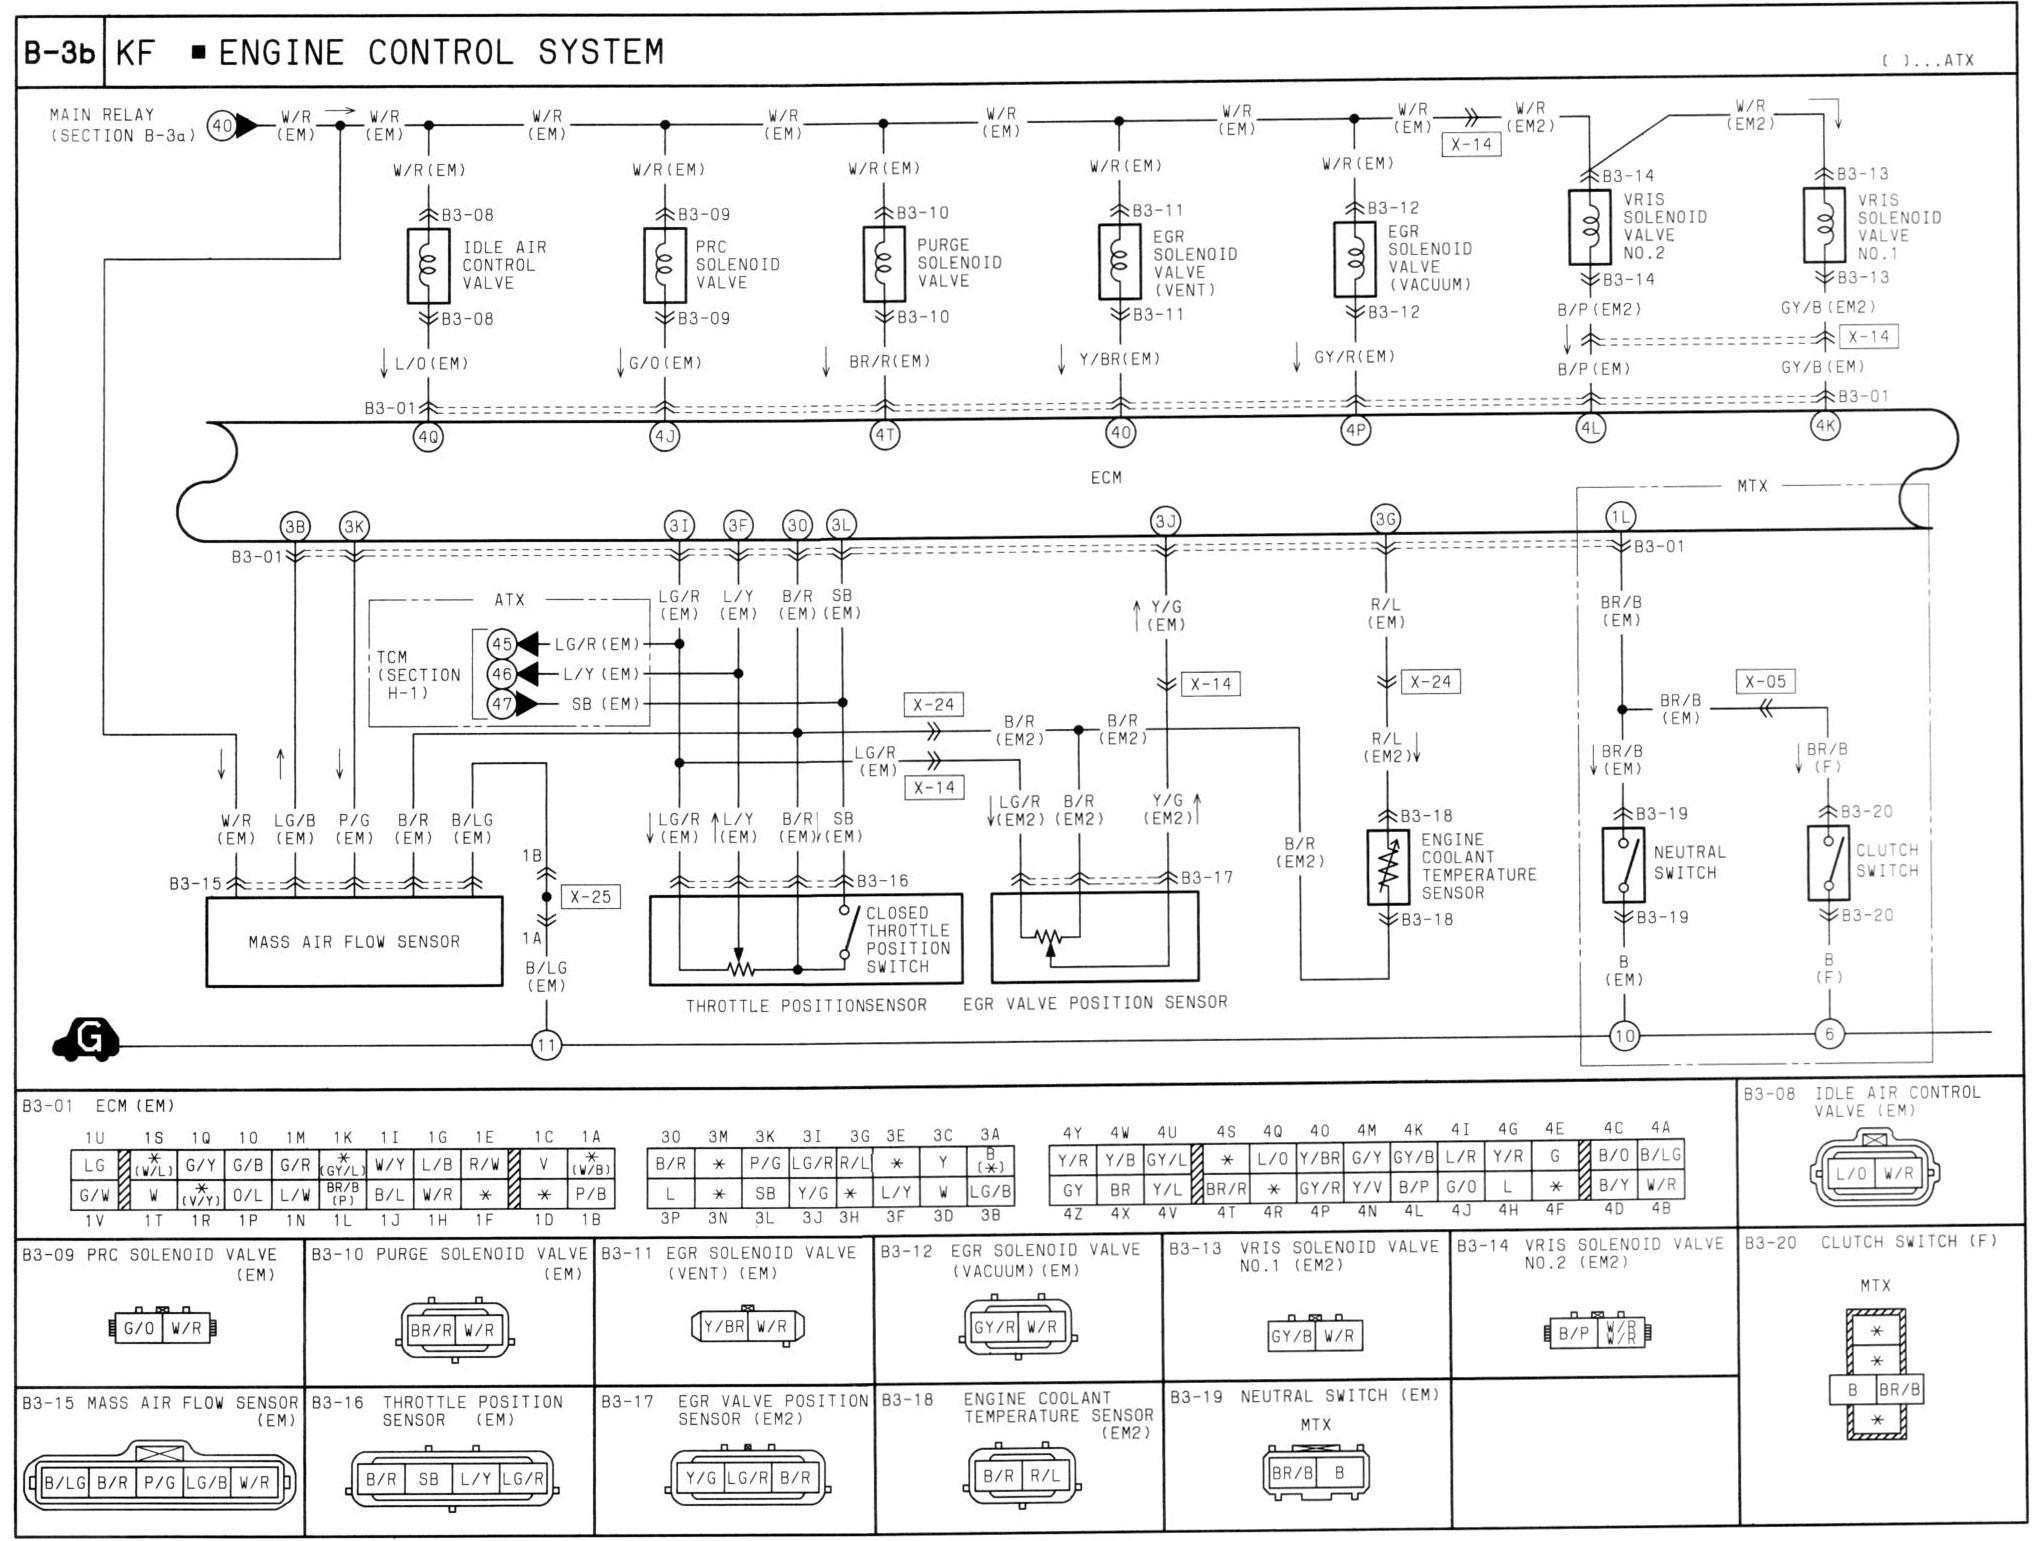 Mazda 323 Engine Diagram Mazda 323 Wiring Diagram Data Schematics Wiring Diagram • Of Mazda 323 Engine Diagram